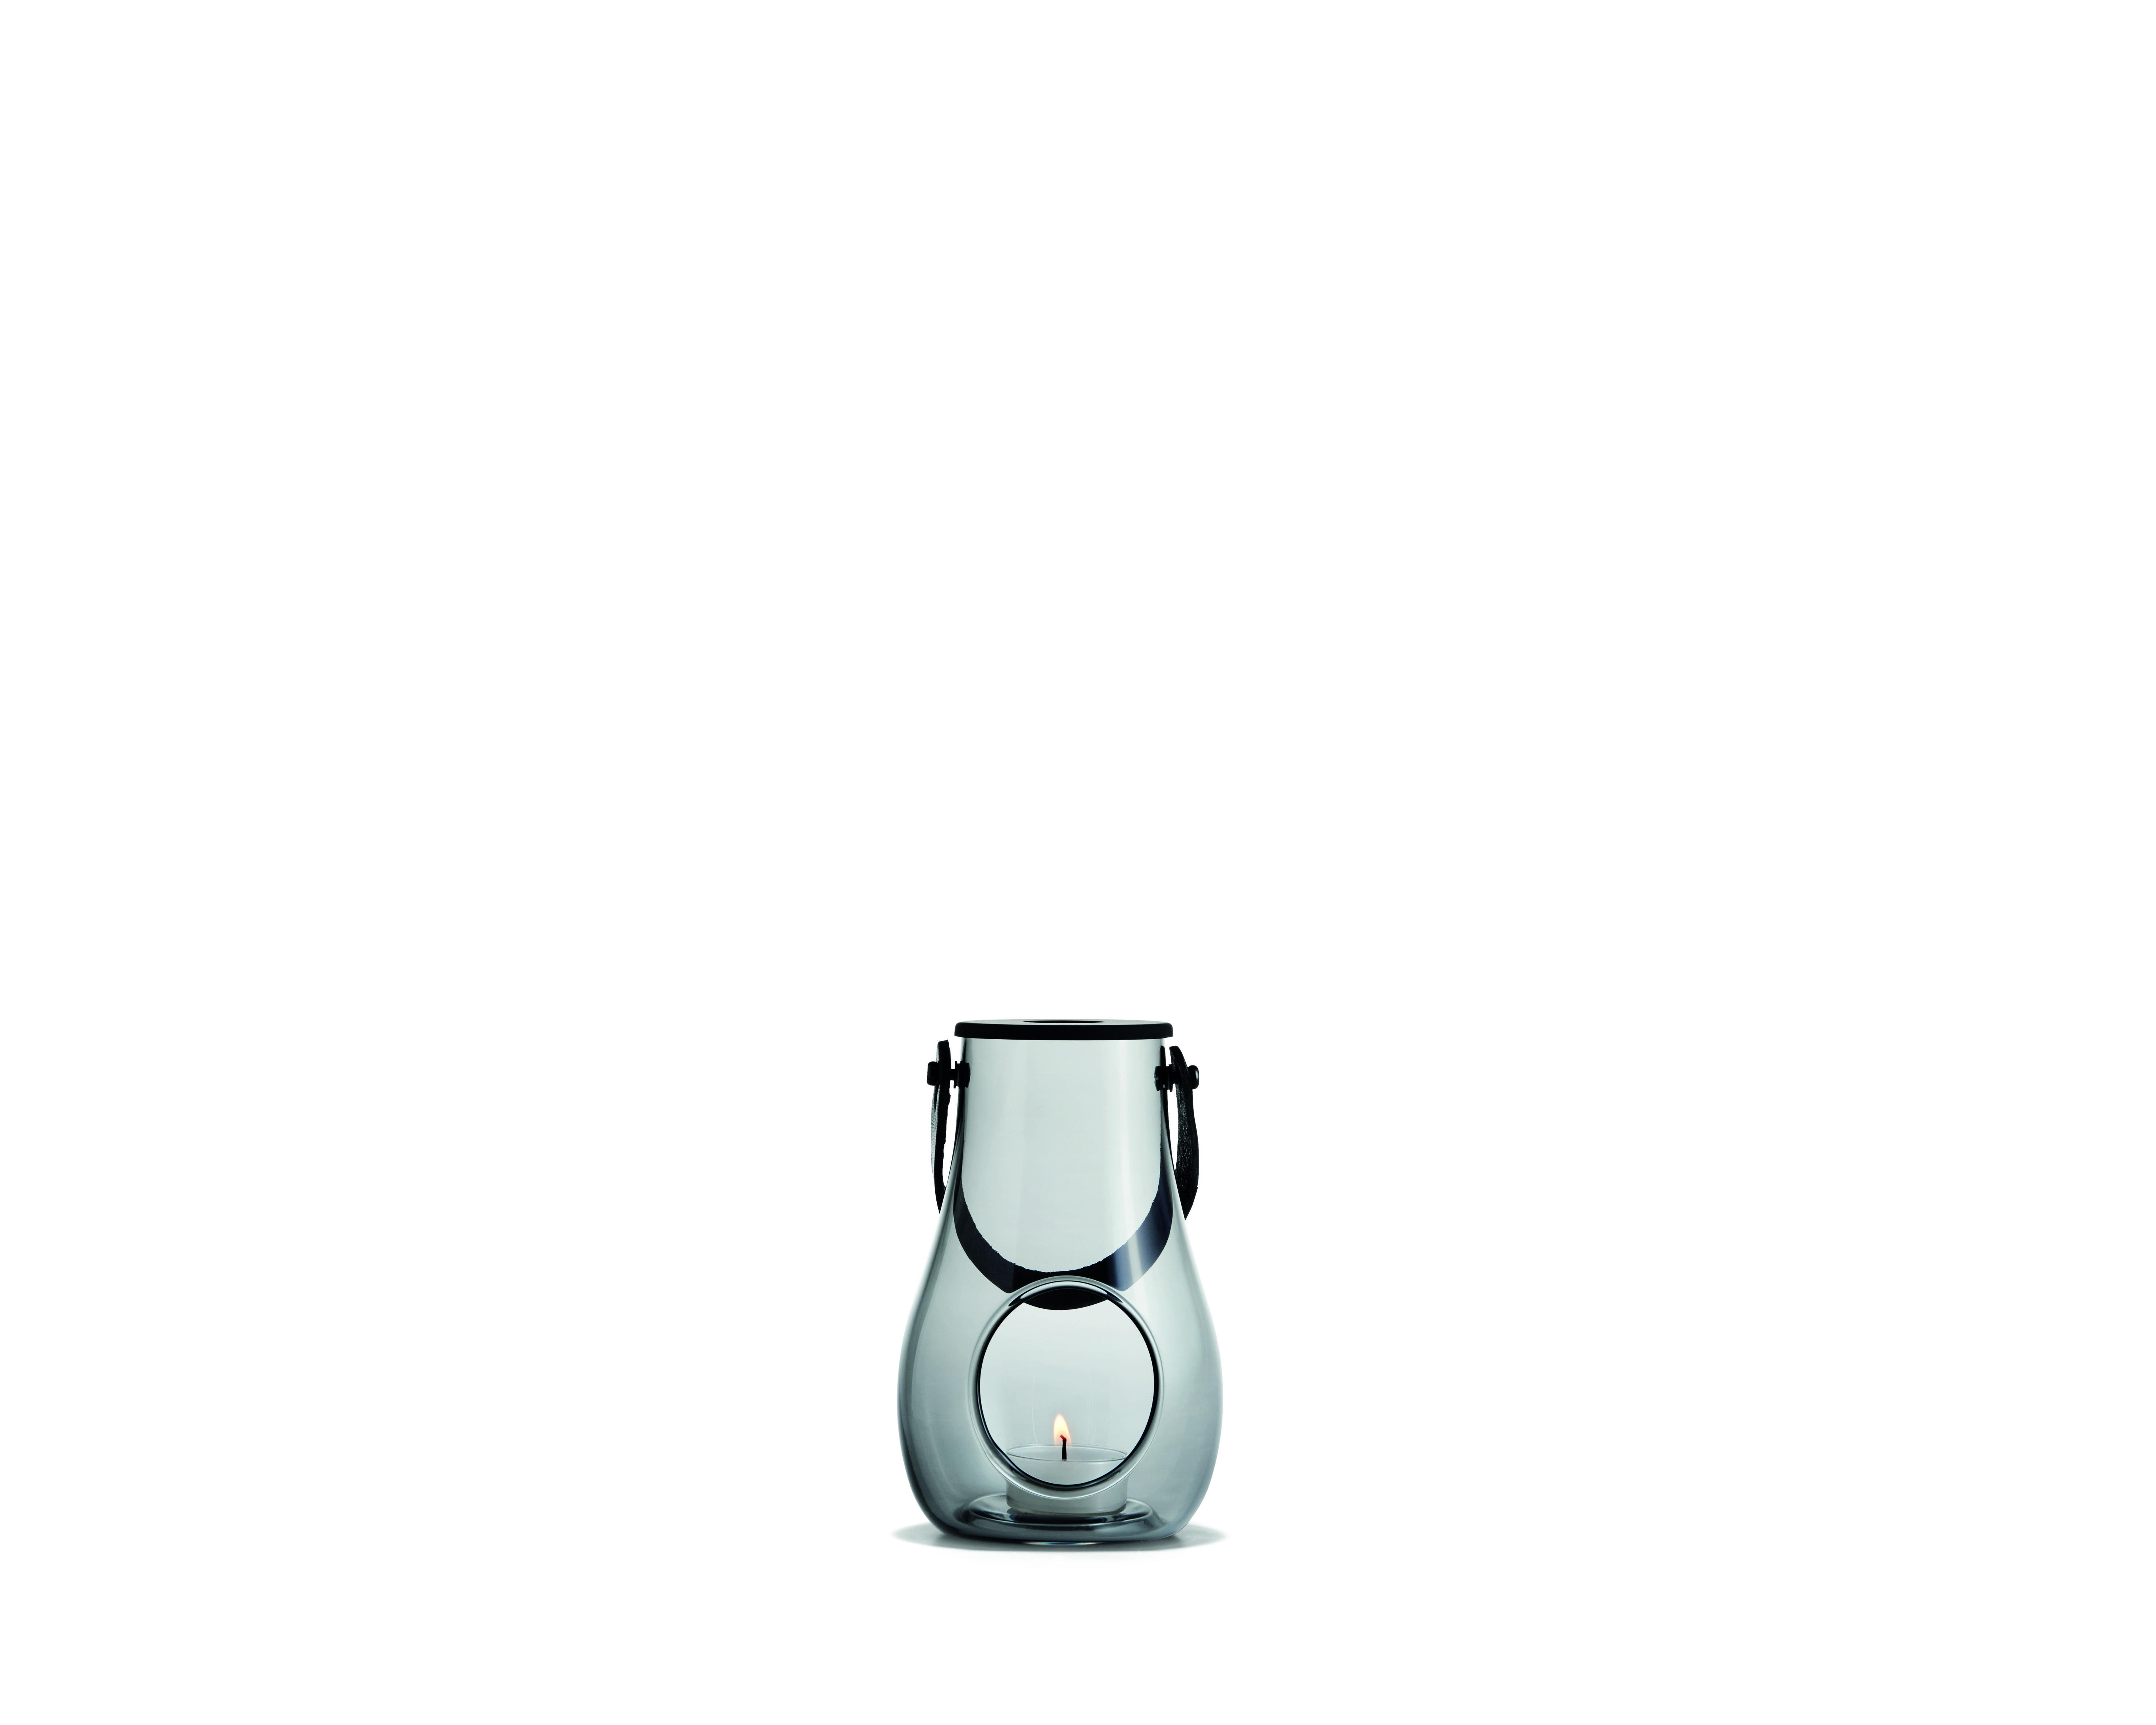 Holmegaard Design with light lanterne, 16 cm, smoke